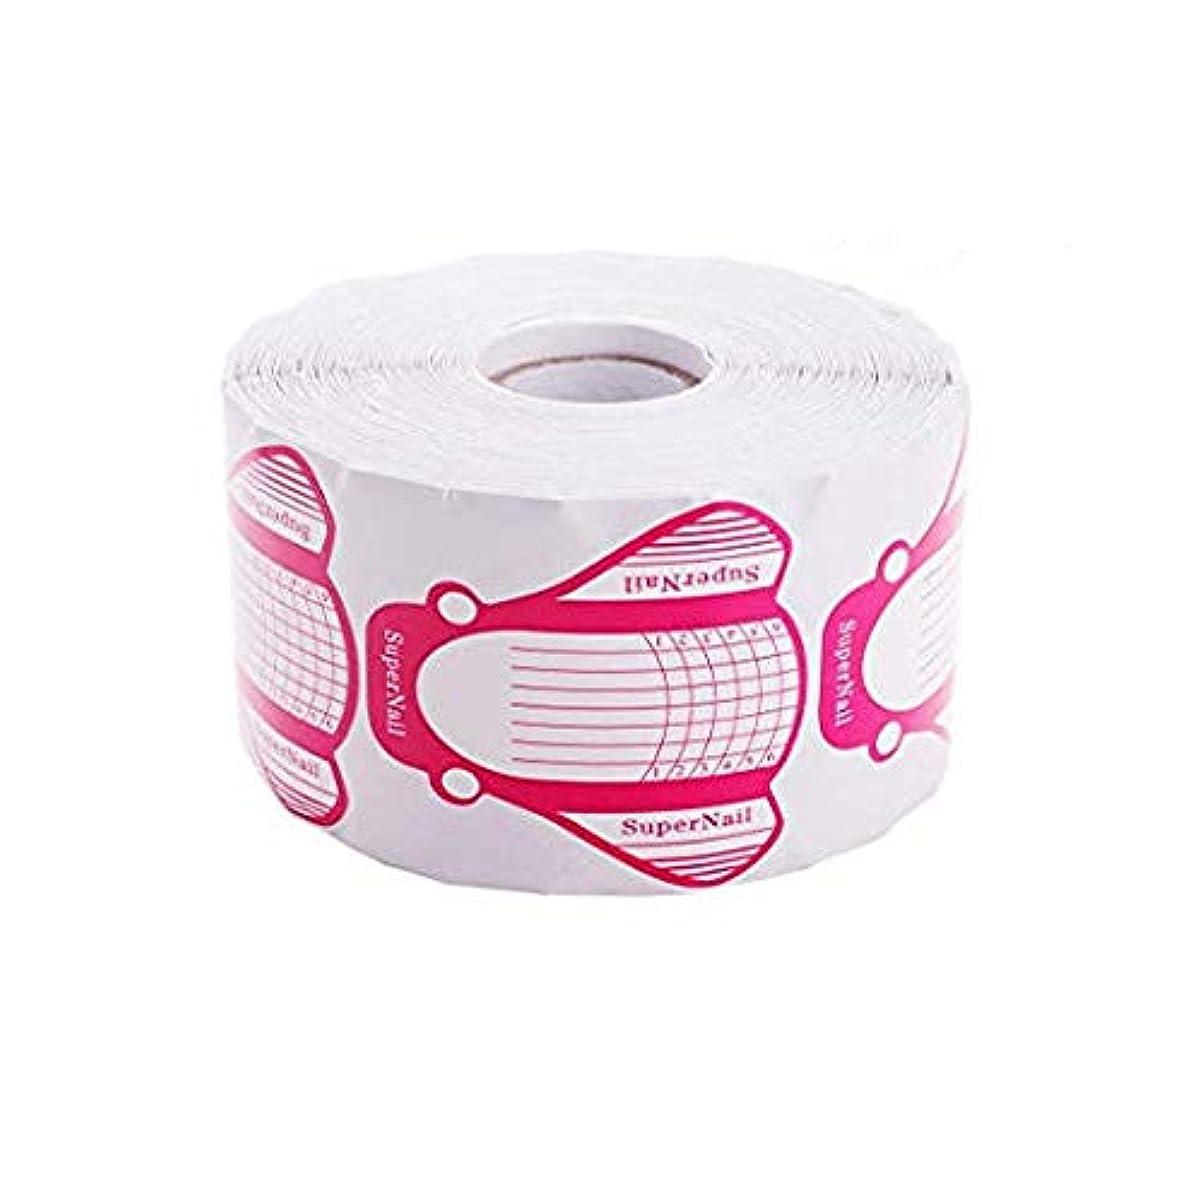 不適切なルーム唯一Makartt ネイルフォーム ネイル アート 長さだし用ネイルフォーム プロ用 3色 500枚入り (ピンク)